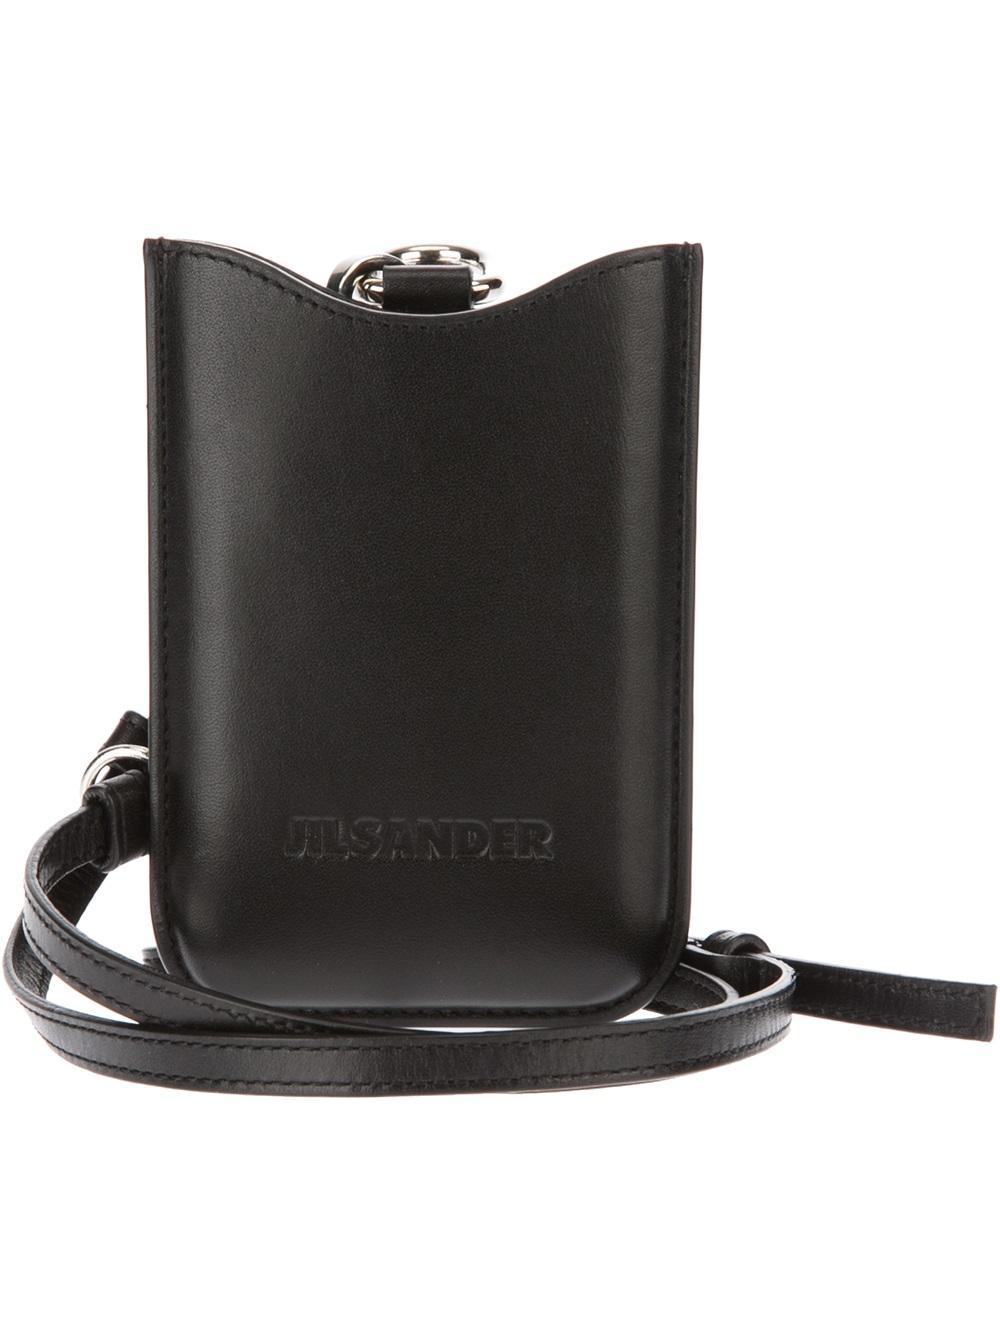 Jil sander Iphone Case in Black for Men